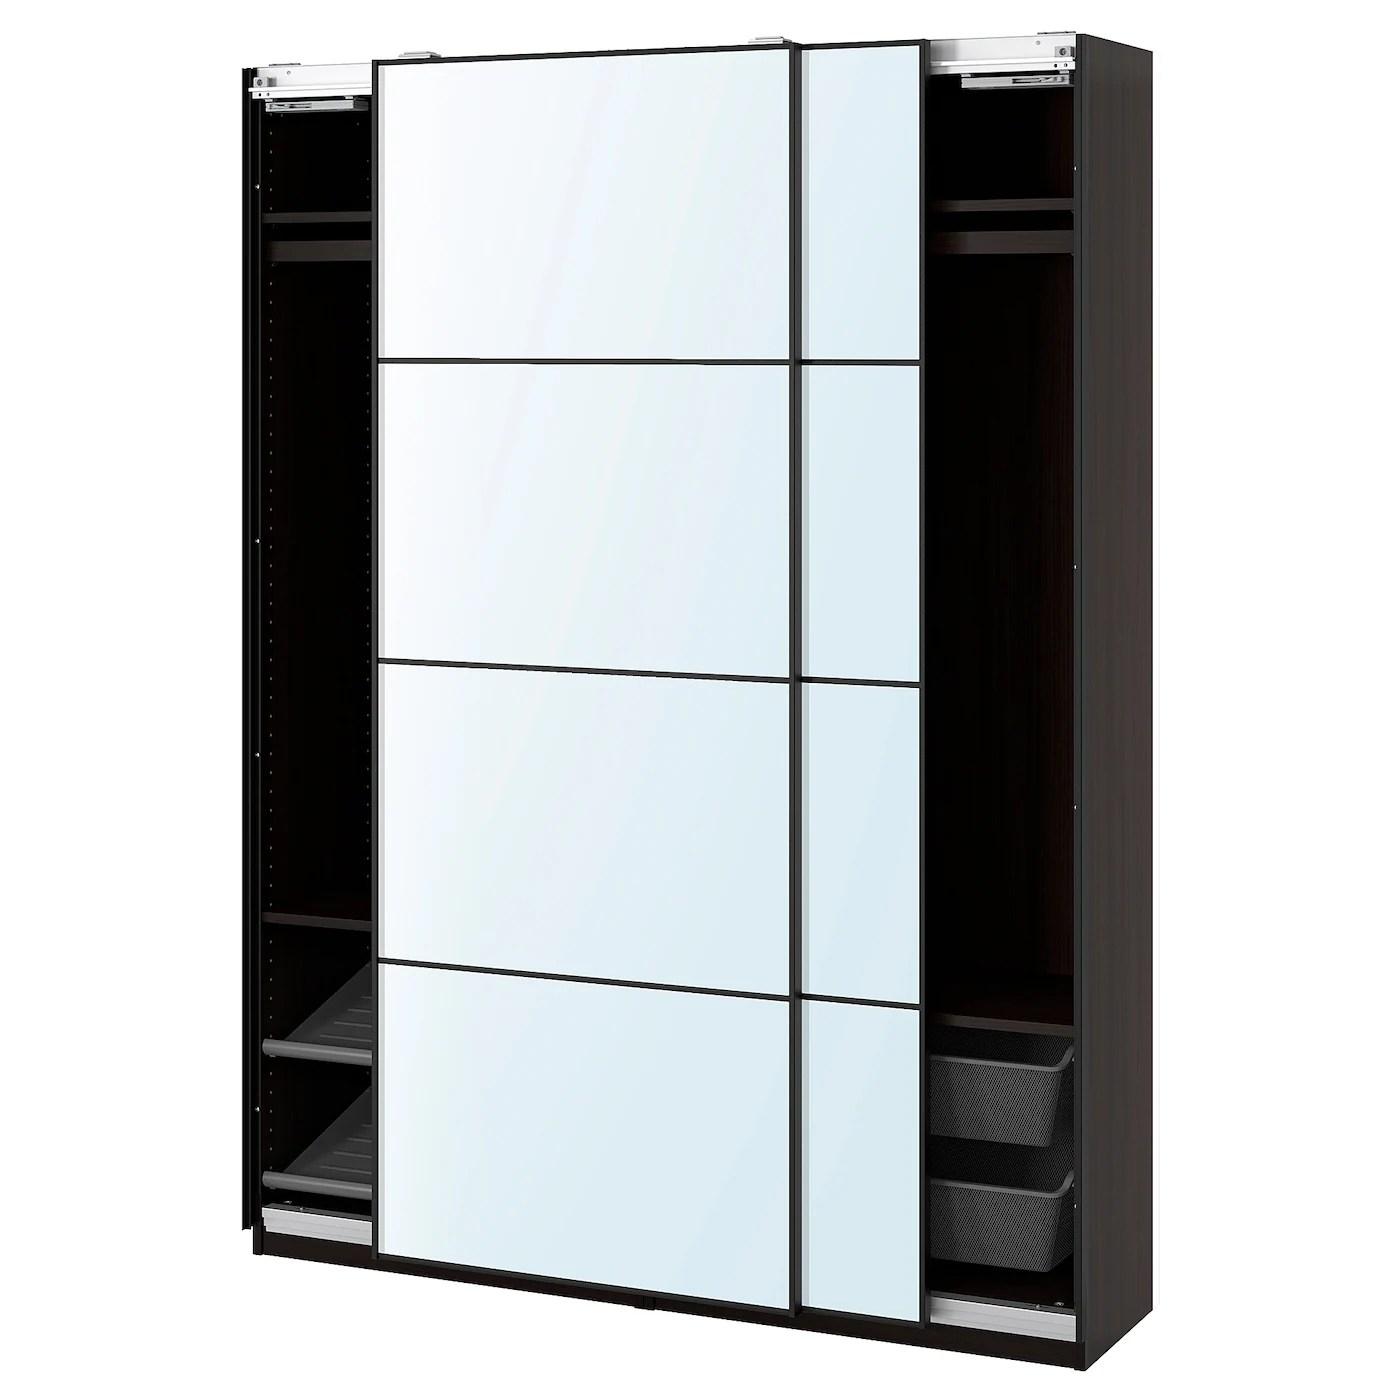 Pax Auli Agencement Armoire Penderie Brun Noir Verre Miroir Ikea